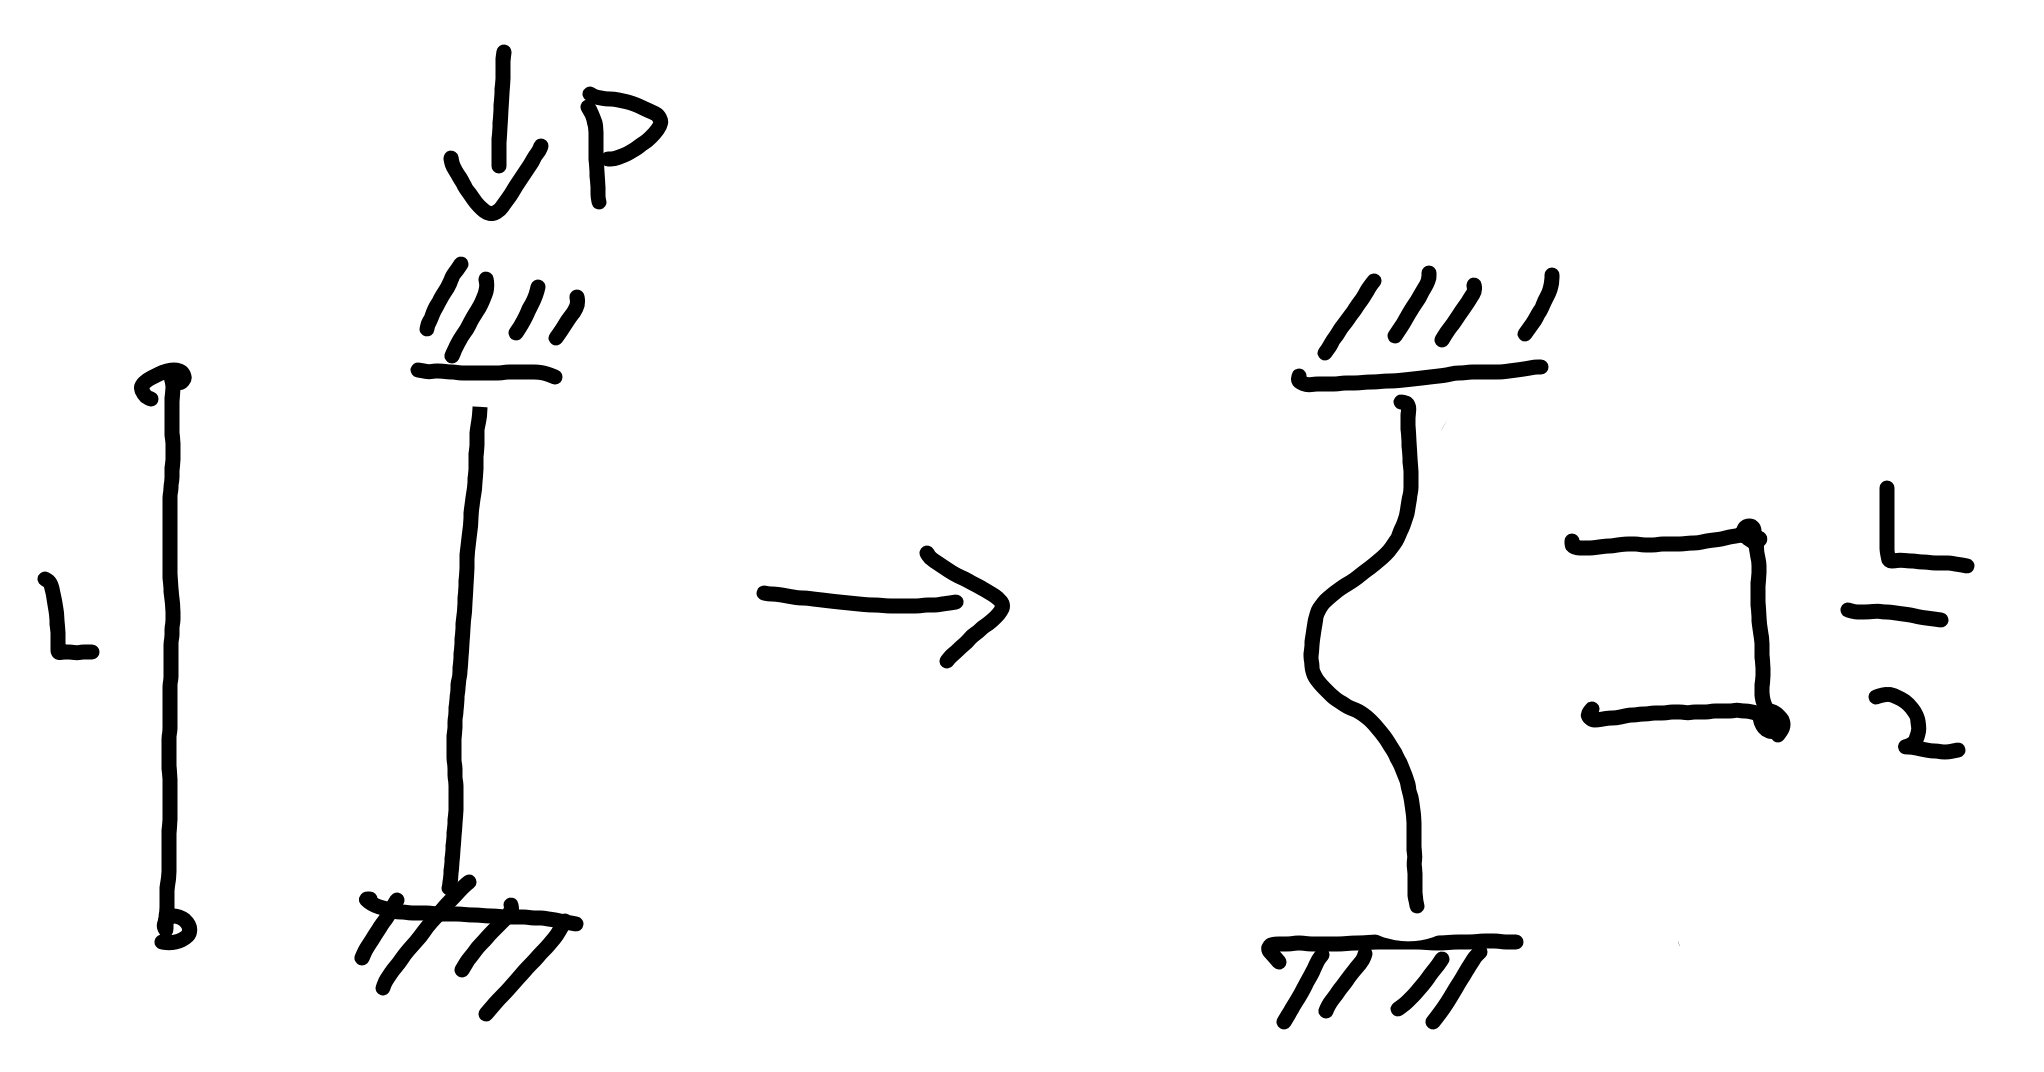 座屈モード 固定端 固定端 水平移動不可 座屈有効長さ